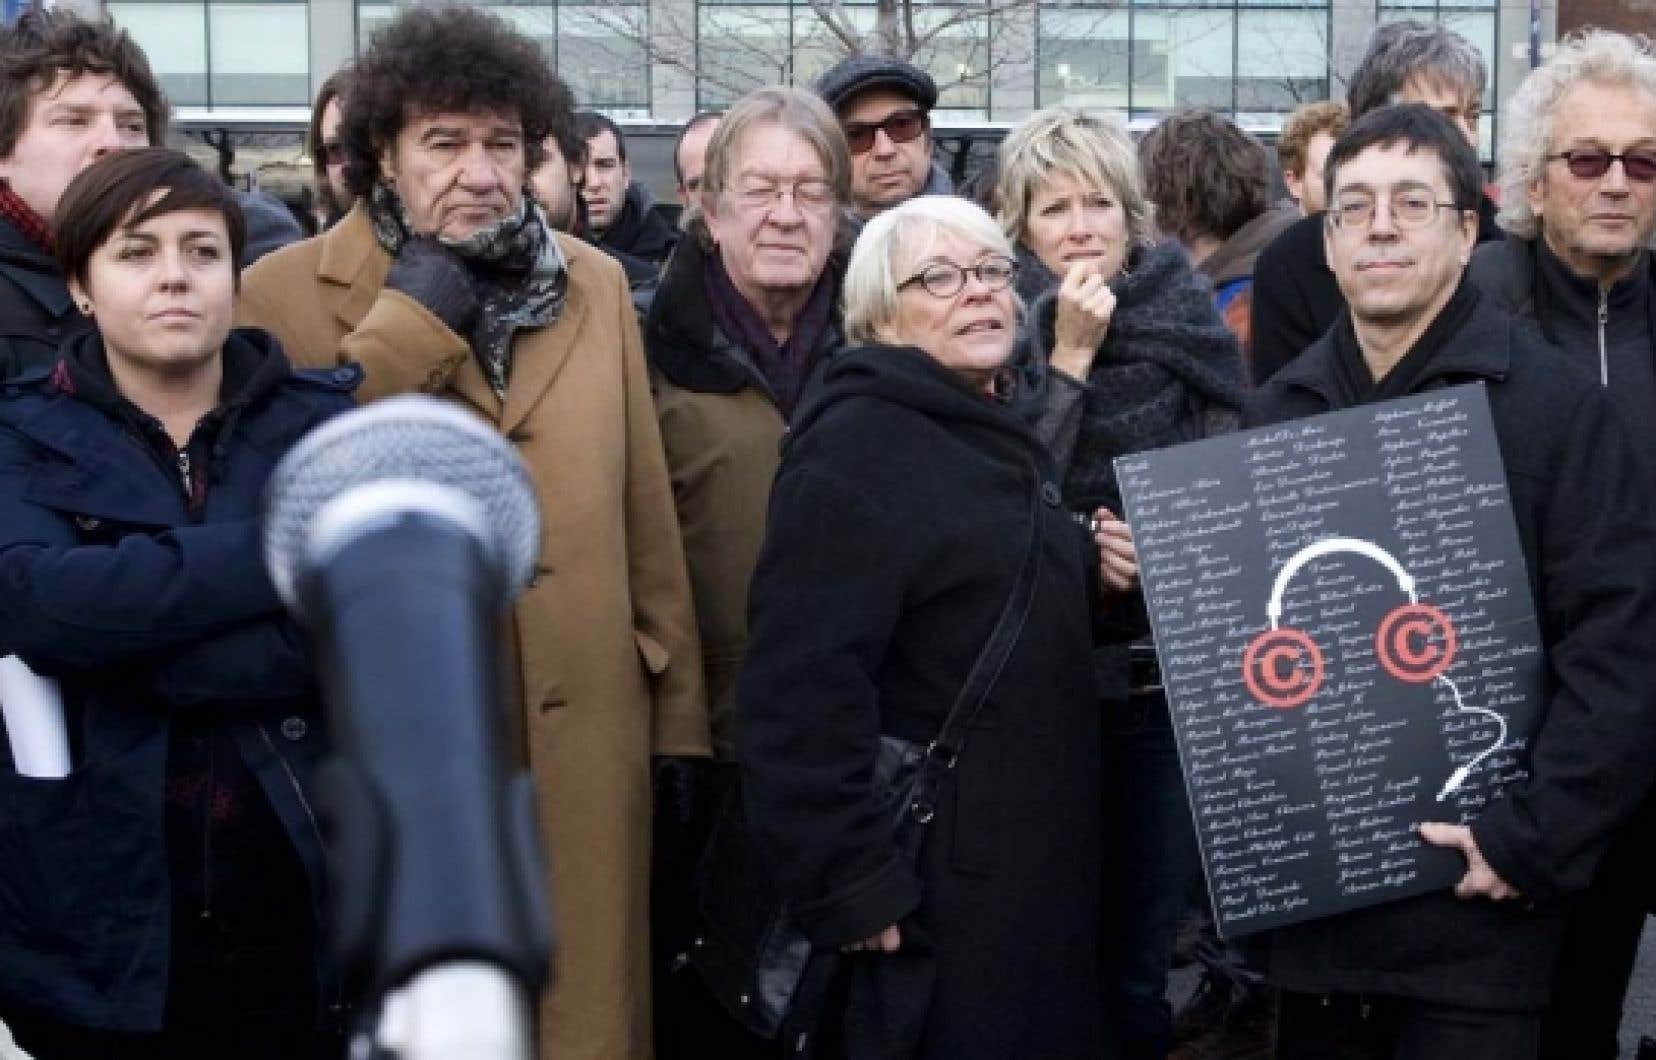 Parmi les artistes qui participent à la manifestation on reconnaît, sur la photo, Yann Perreau, Ariane Moffat, Robert Charlebois, François Cousineau, Michel Rivard, Louise Forestier, Luce Duffault, Gilles Valiquette et Luc Plamondon.